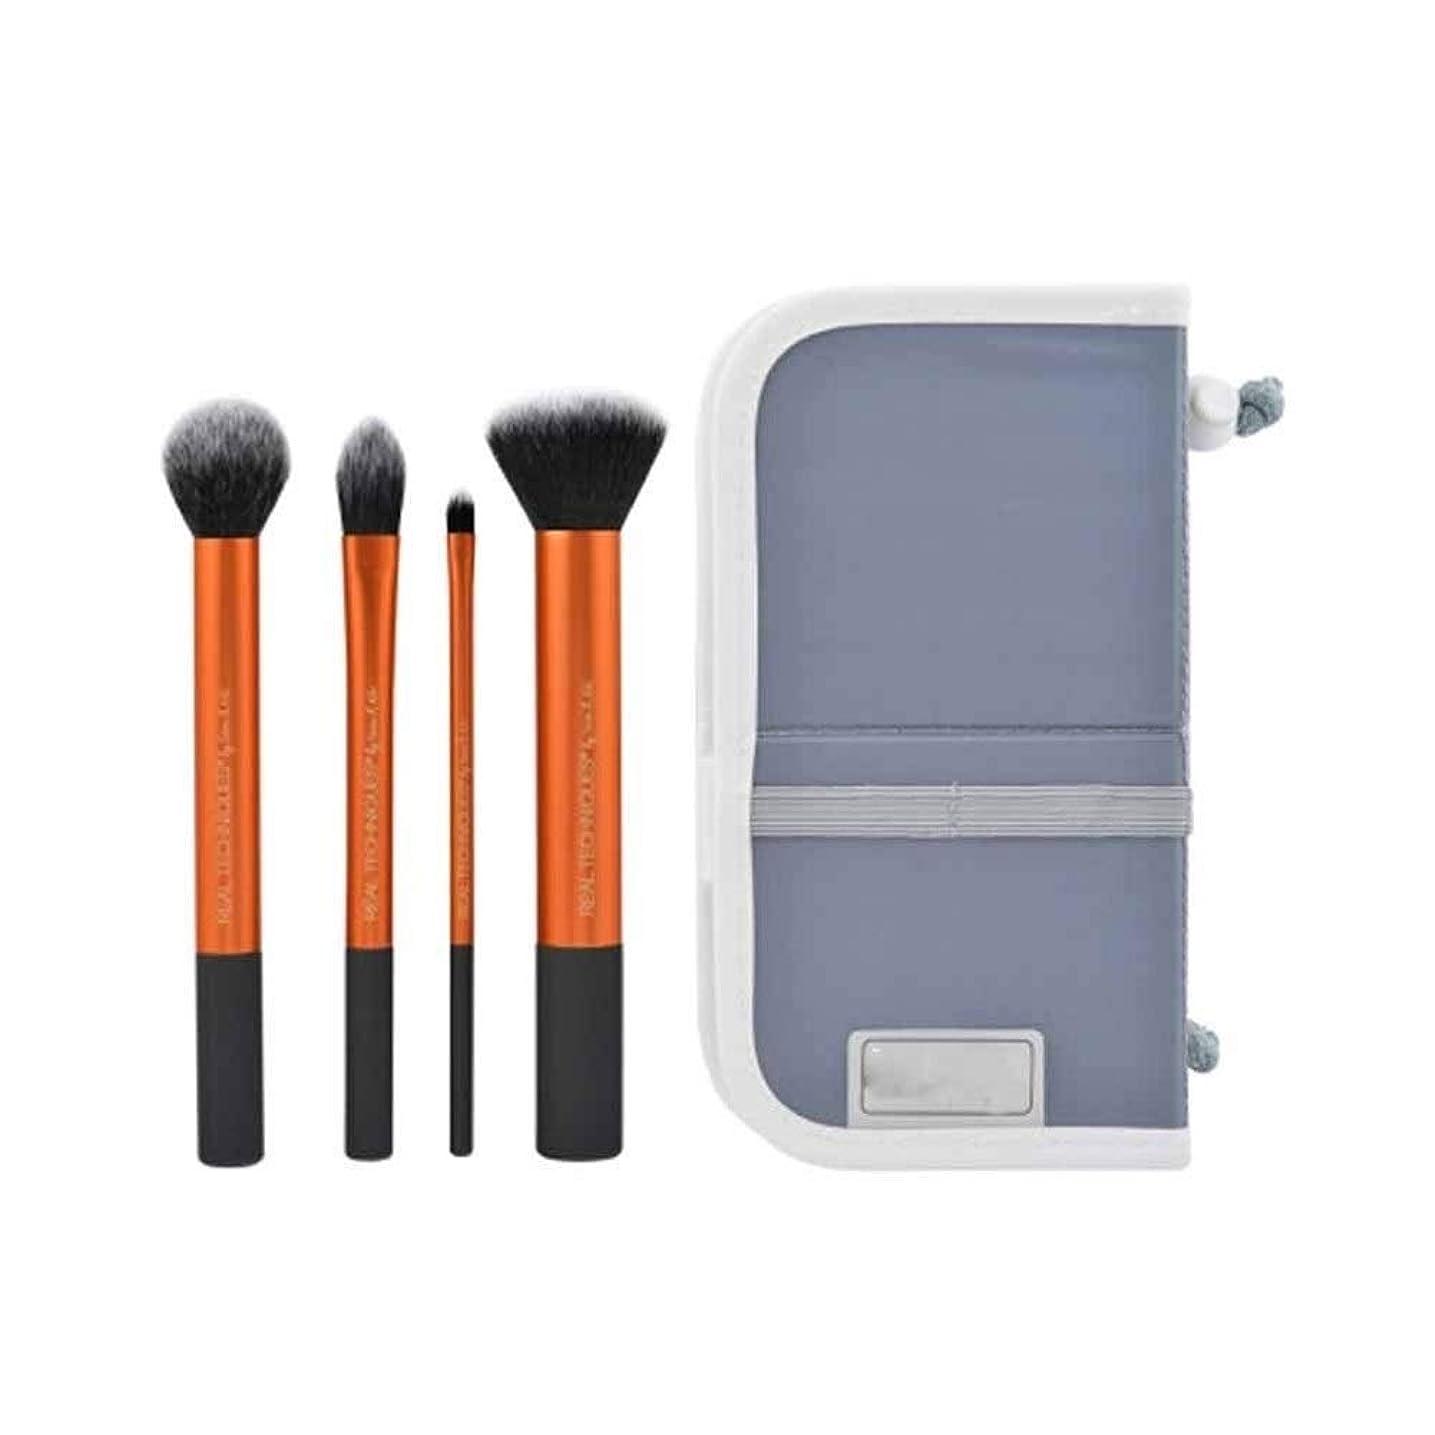 記念品究極の聴衆TUOFL メイクブラシ、メイクメイクブラシセット、輪郭ブラシリップブラシ、散布ブラシ、チークブラシ、4点セット、簡単に運ぶために (Color : Orange)